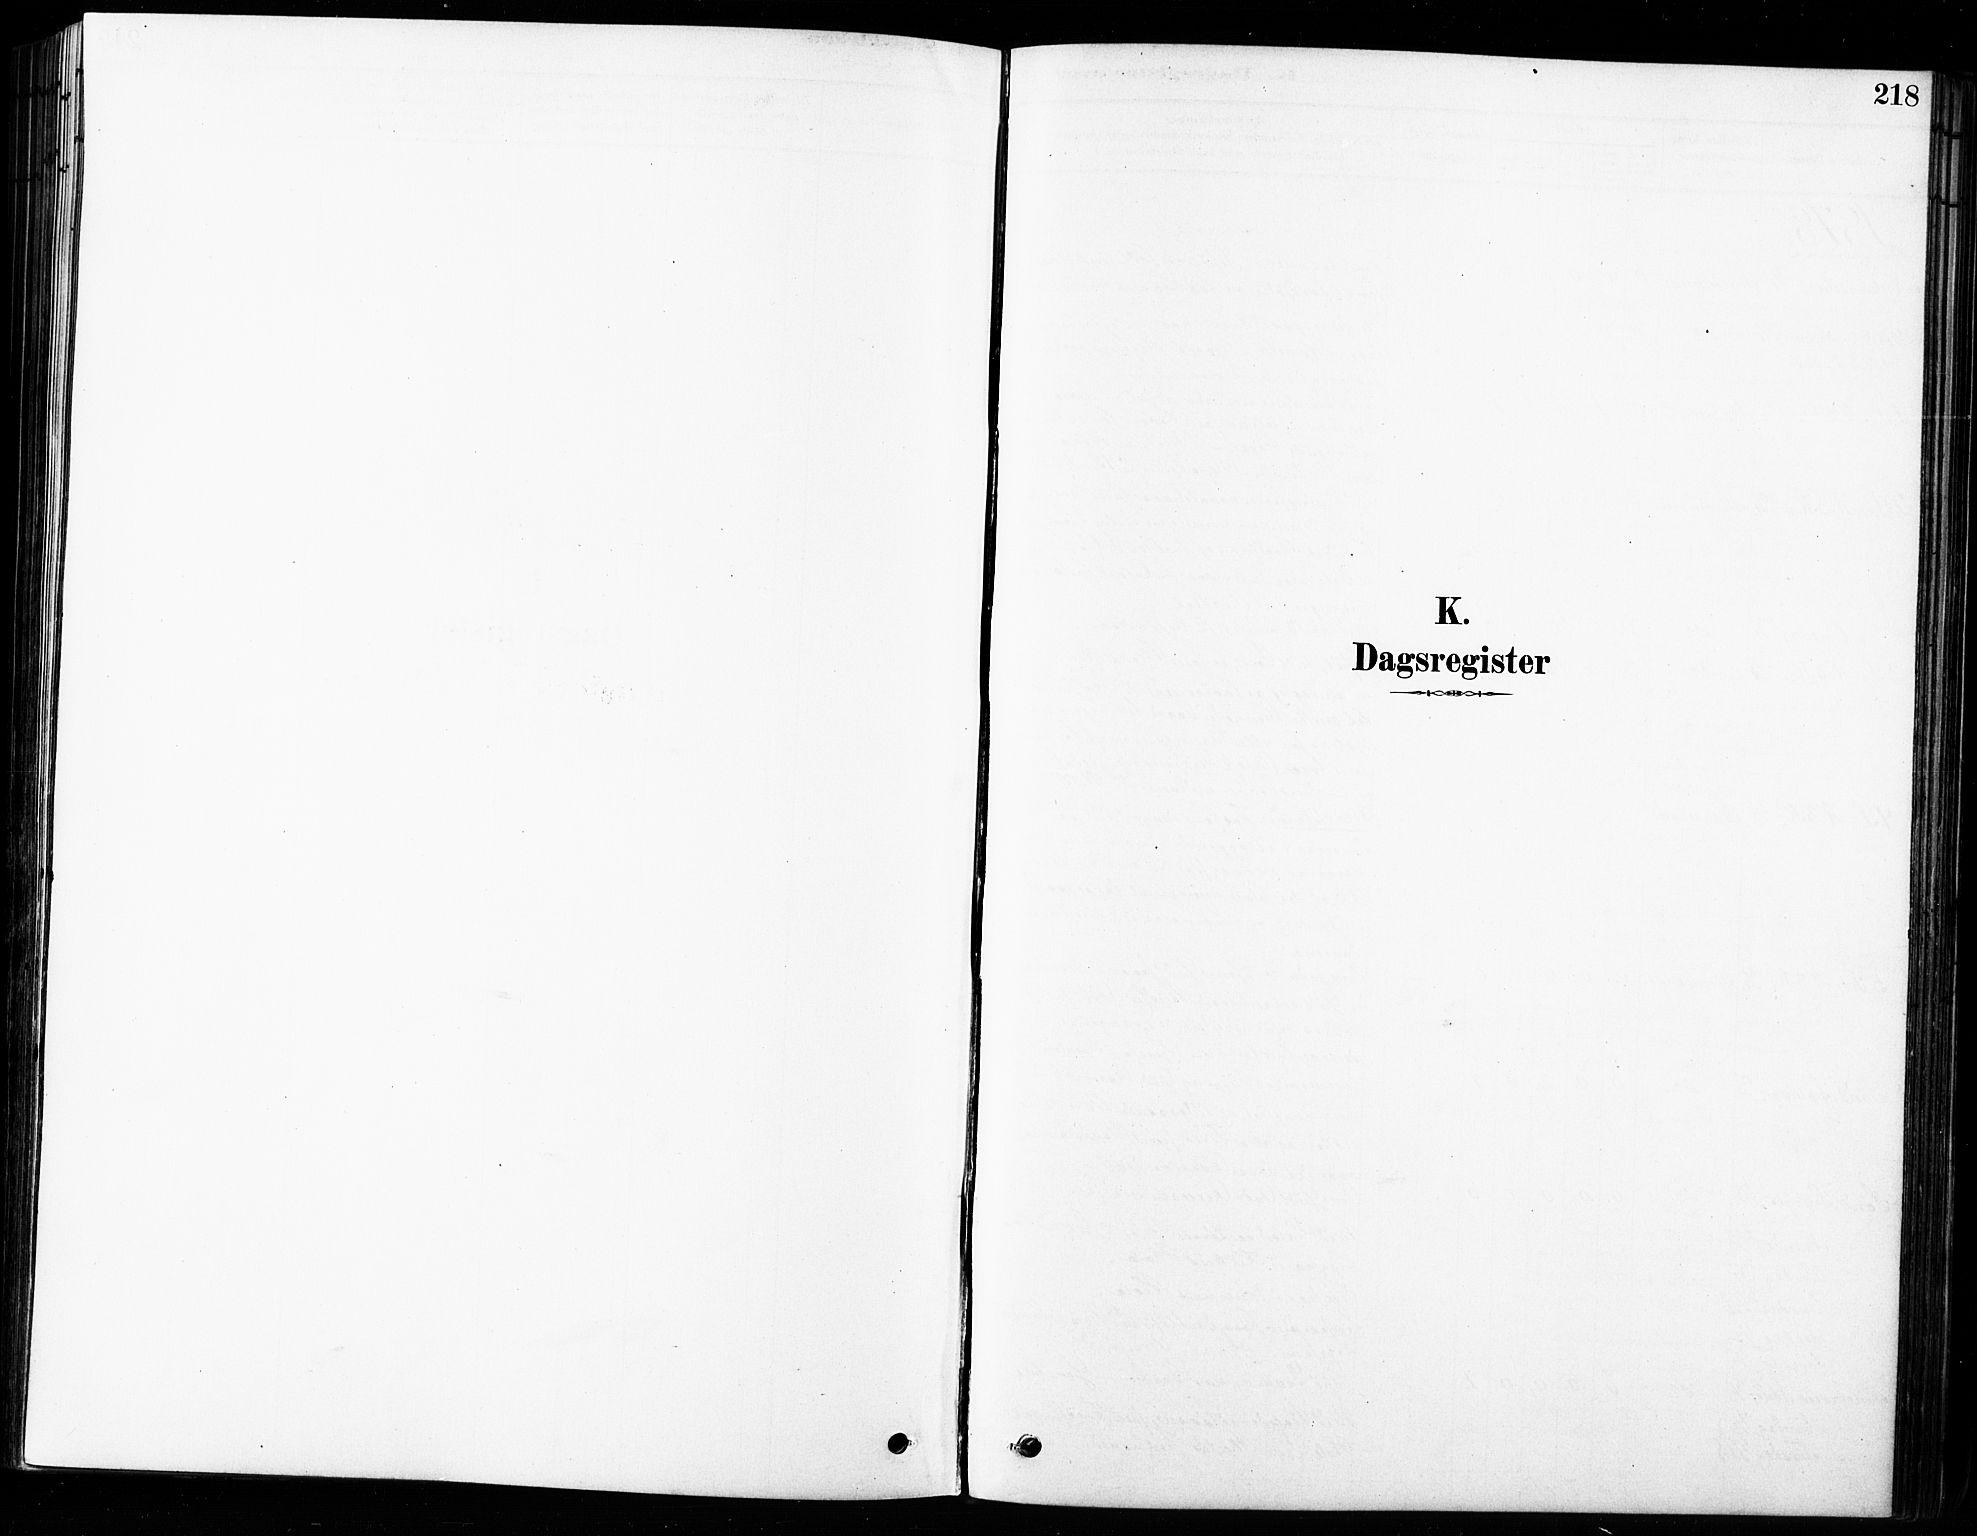 SATØ, Trondenes sokneprestkontor, H/Ha/L0015kirke: Ministerialbok nr. 15, 1878-1889, s. 218